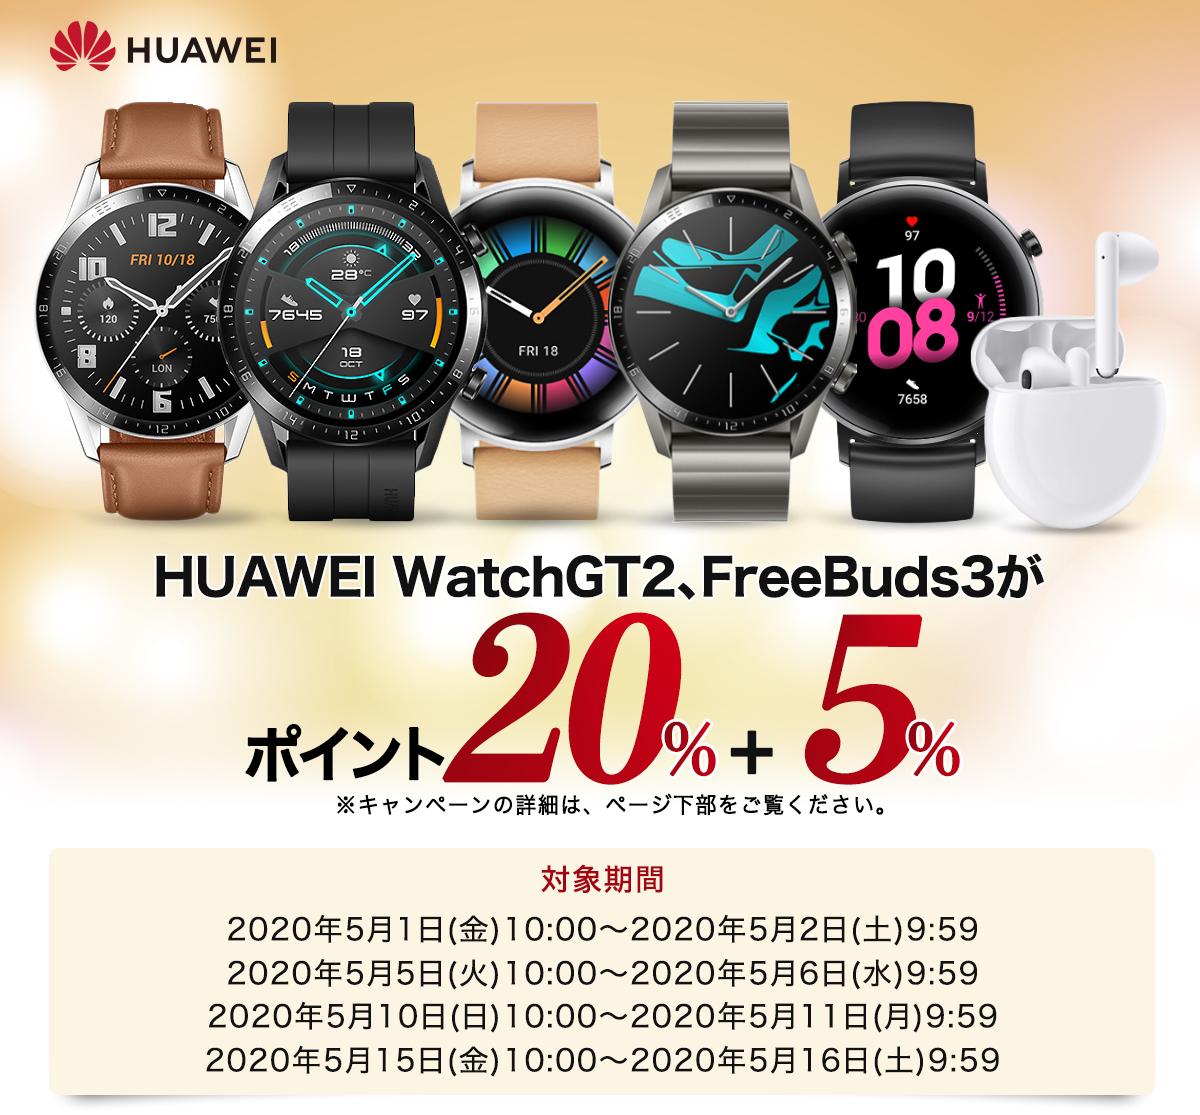 楽天スーパーDEALでHuawei WatchGT2、FreeBuds3がポイント25%バック。5の倍数の日限定。